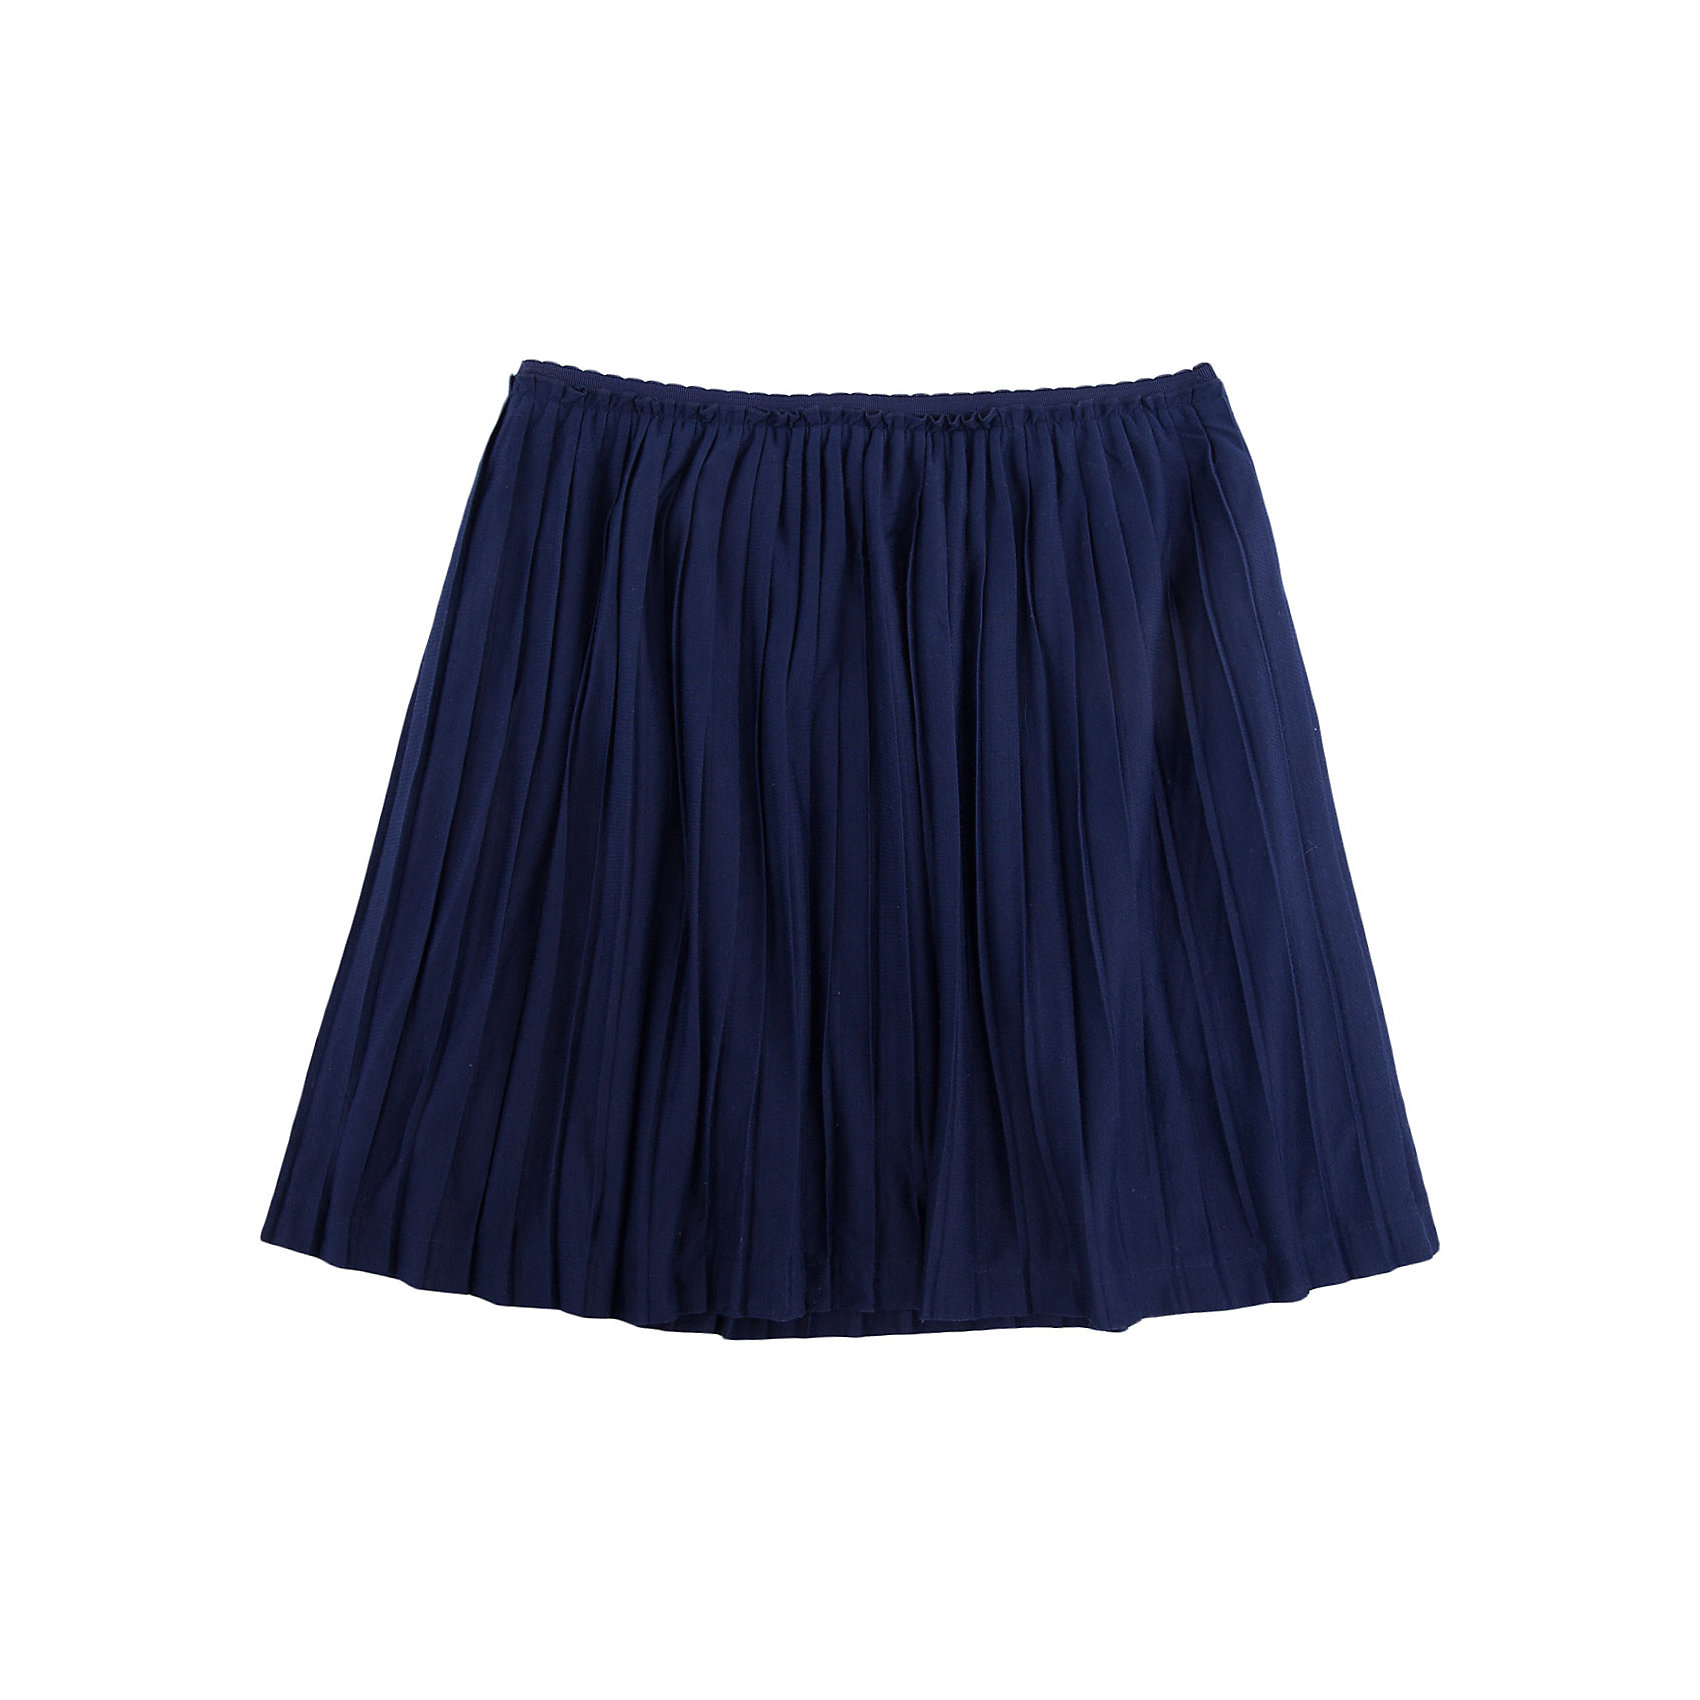 Юбка для девочки ScoolЮбка для девочки от известного бренда Scool<br>Состав:<br>100% полиэстер<br>Легкая плиссированная юбка из темно-синего трикотажа на подкладке. Пояс на резинке, внутри текстильная подкладка. Хорошо смотрится с любыми блузками и футболками.<br><br>Ширина мм: 207<br>Глубина мм: 10<br>Высота мм: 189<br>Вес г: 183<br>Цвет: полуночно-синий<br>Возраст от месяцев: 72<br>Возраст до месяцев: 84<br>Пол: Женский<br>Возраст: Детский<br>Размер: 122,164,158,152,146,140,134,128<br>SKU: 4687056